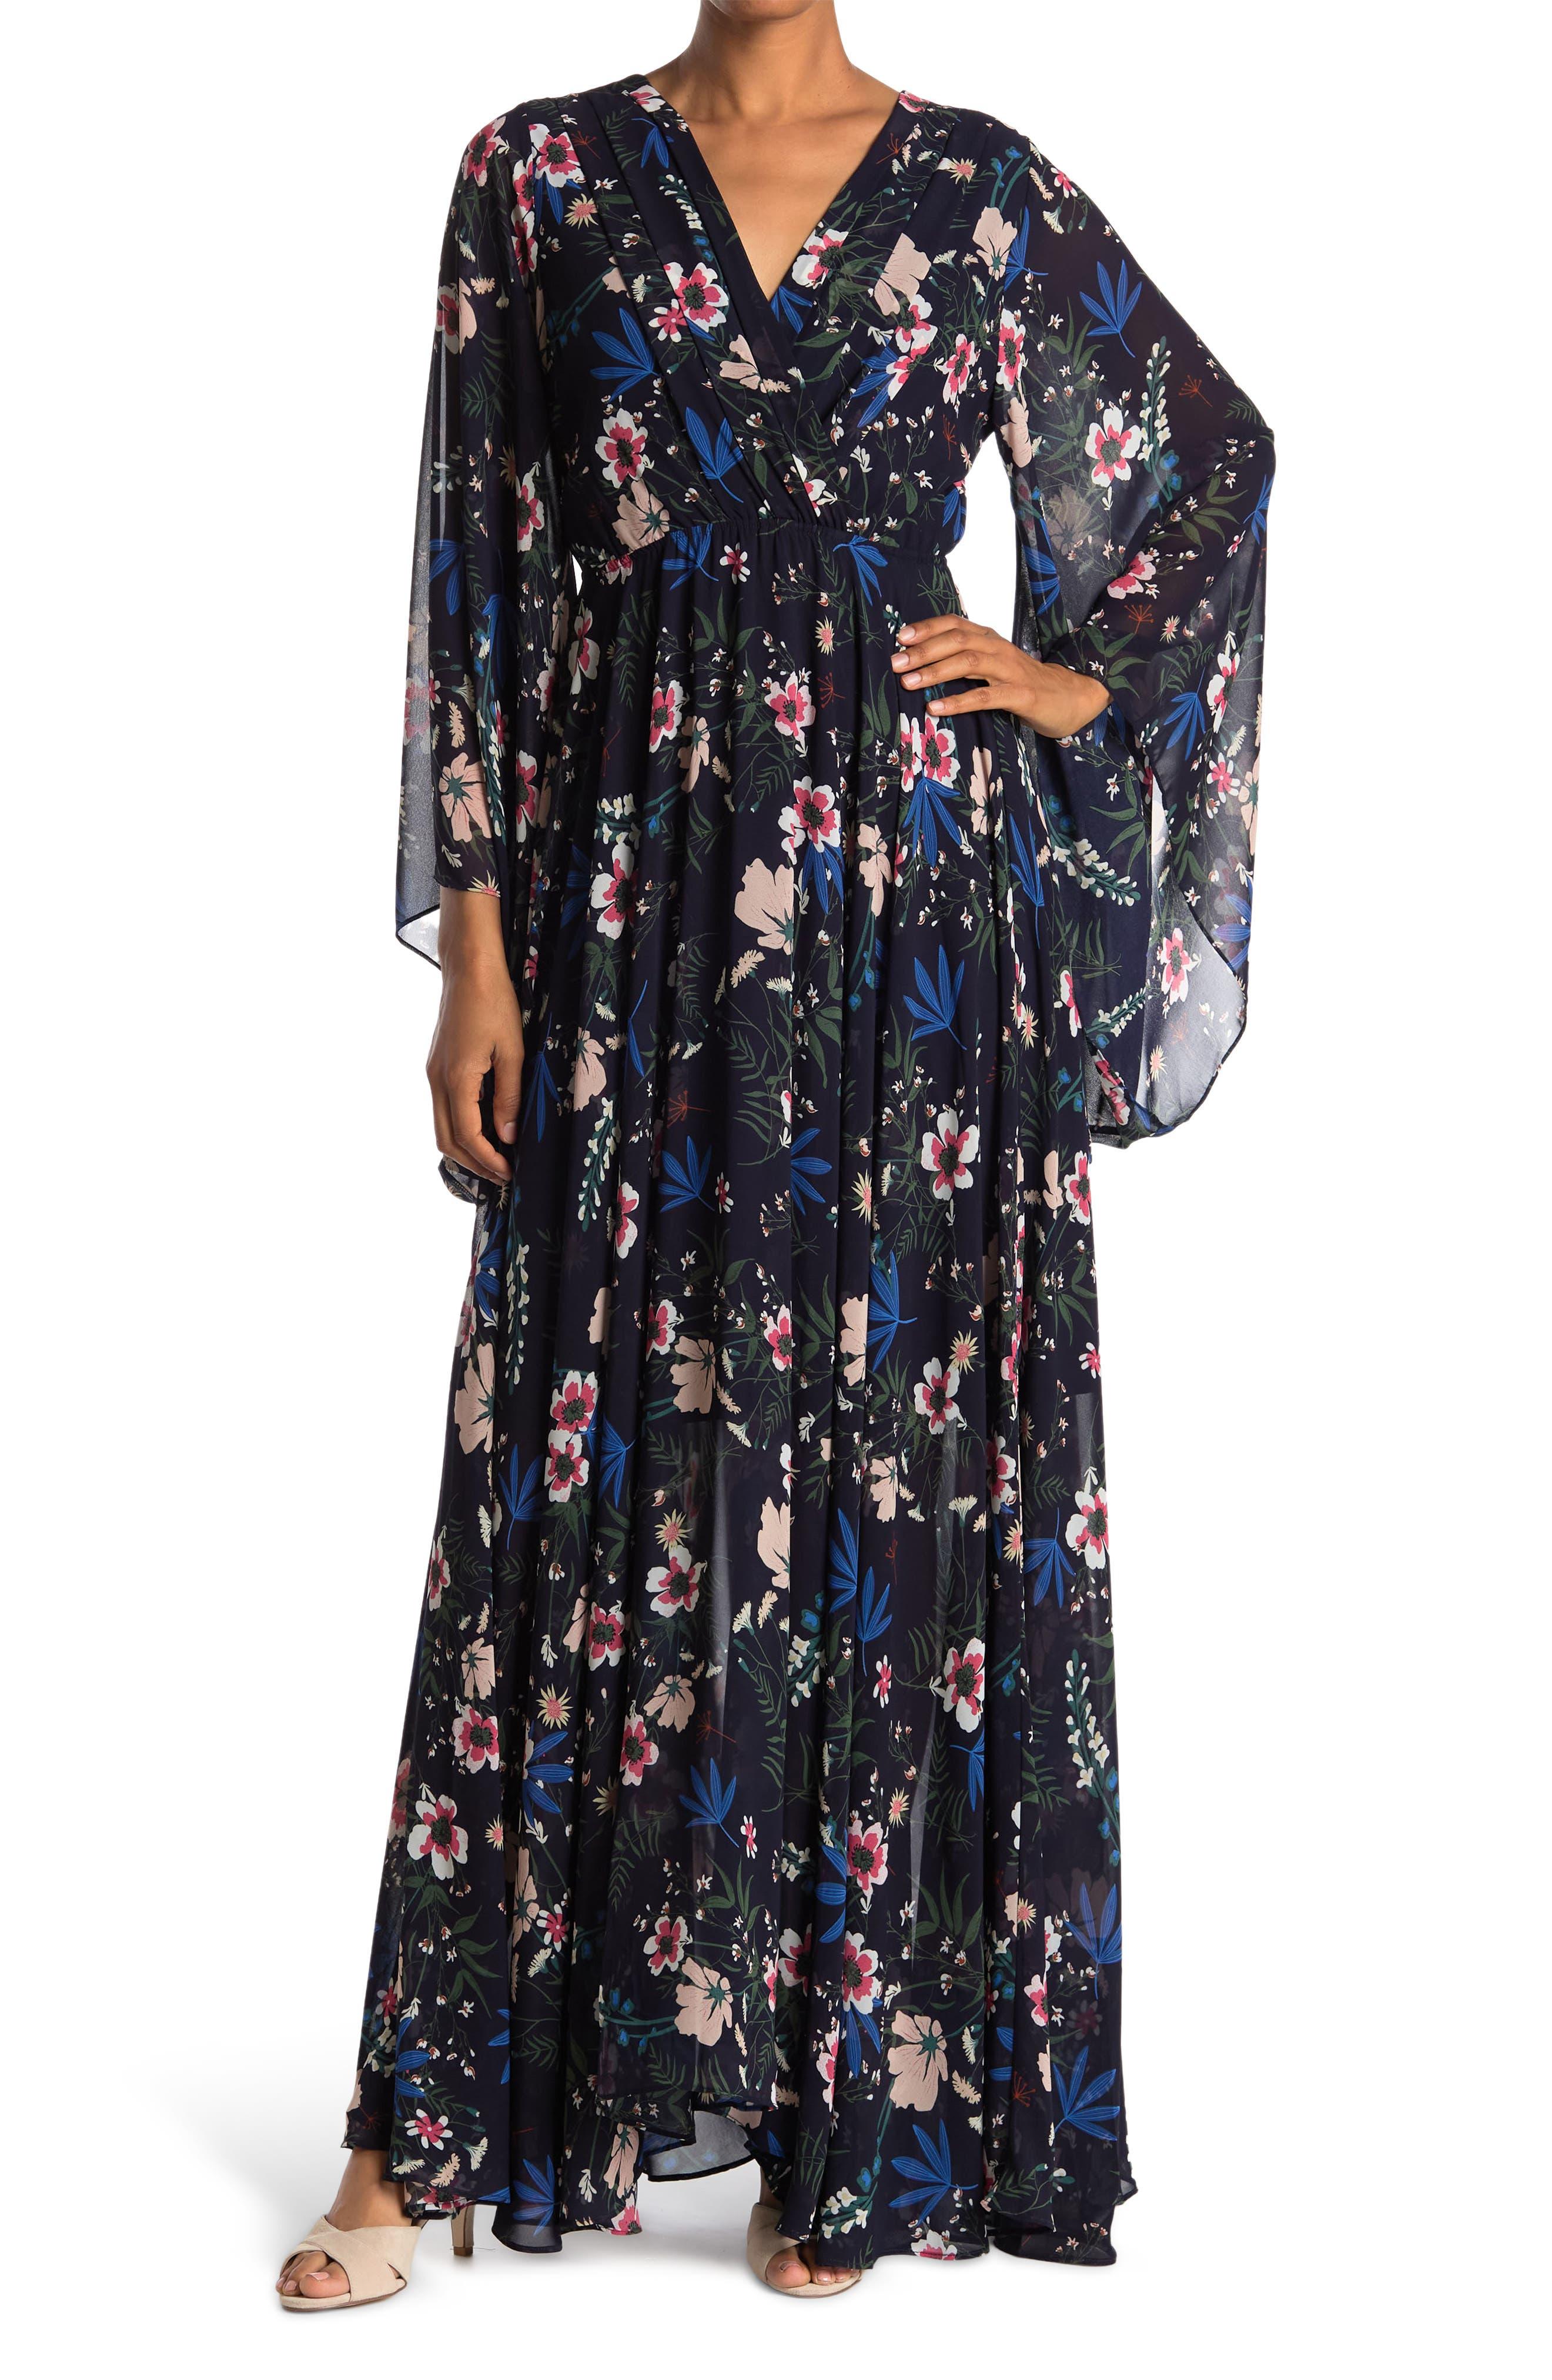 70s Prom, Formal, Evening, Party Dresses Meghan LA Sunset Maxi Dress Size XL - Navy1 at Nordstrom Rack $109.97 AT vintagedancer.com